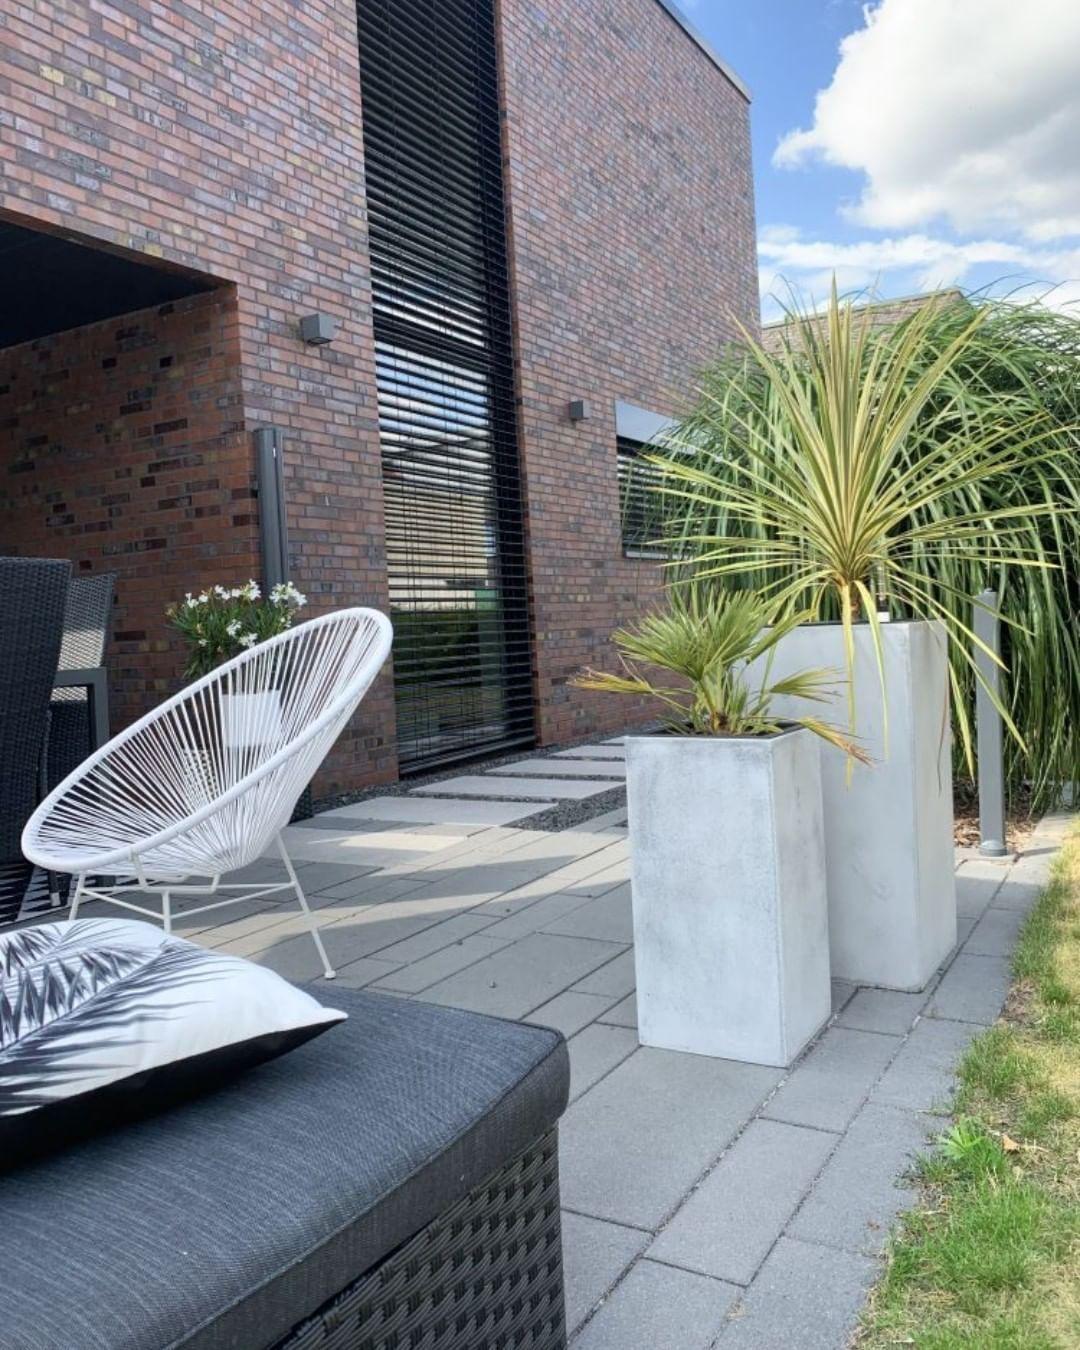 Pflanzkubel Hoch Gruner Sichtschutz Pflanzen Terrasse Balkon